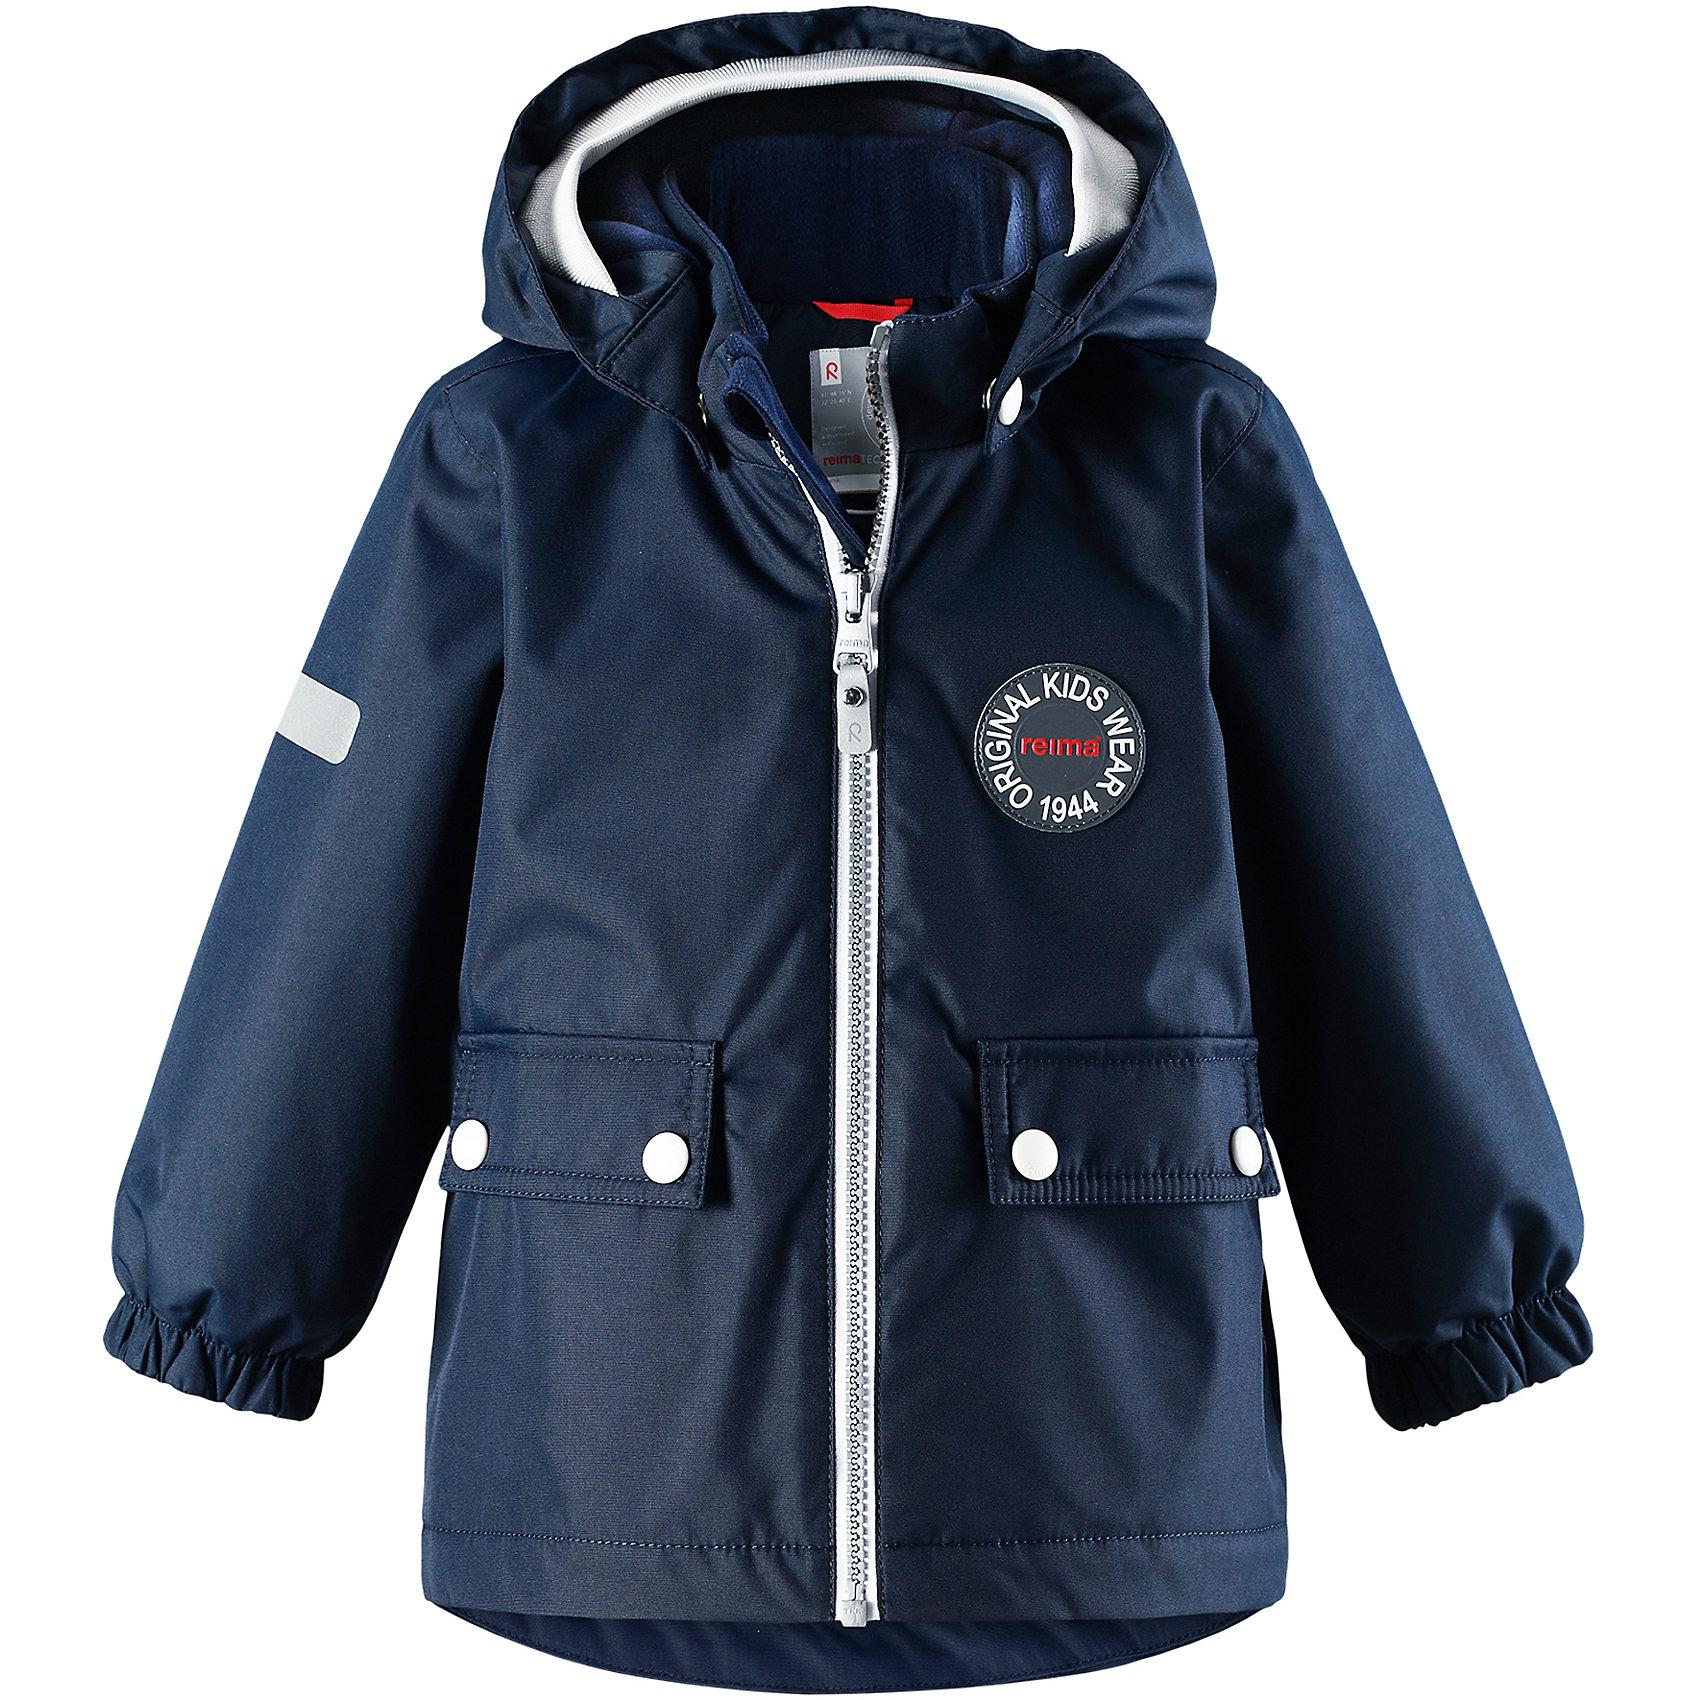 Куртка Quilt Reimatec® ReimaВерхняя одежда<br>Фасон этой очень популярной утепленной и непромокаемой куртки для малышей навеян мотивами дизайна Reima® 70-х. Самые важные швы в этой демисезонной куртке проклеены и водонепроницаемы, а сама она изготовлена из ветронепроницаемого, дышащего материала с водо- и грязеотталкивающей поверхностью. Гладкая подкладка из полиэстера поможет быстро одеться. Съемный капюшон не только защищает от пронизывающего ветра, но еще и безопасен во время игр на свежем воздухе. Кнопки легко отстегиваются, если капюшон случайно за что-нибудь зацепится. Мягкая резинка по краю регулируемого капюшона, а также большие карманы с клапанами и светоотражающие детали придают образу изюминку. Дополните ретро-образ симпатичными аксессуарами!<br>Состав:<br>100% Полиэстер<br><br>Ширина мм: 356<br>Глубина мм: 10<br>Высота мм: 245<br>Вес г: 519<br>Цвет: синий<br>Возраст от месяцев: 24<br>Возраст до месяцев: 36<br>Пол: Унисекс<br>Возраст: Детский<br>Размер: 98,80,86,92<br>SKU: 6968422